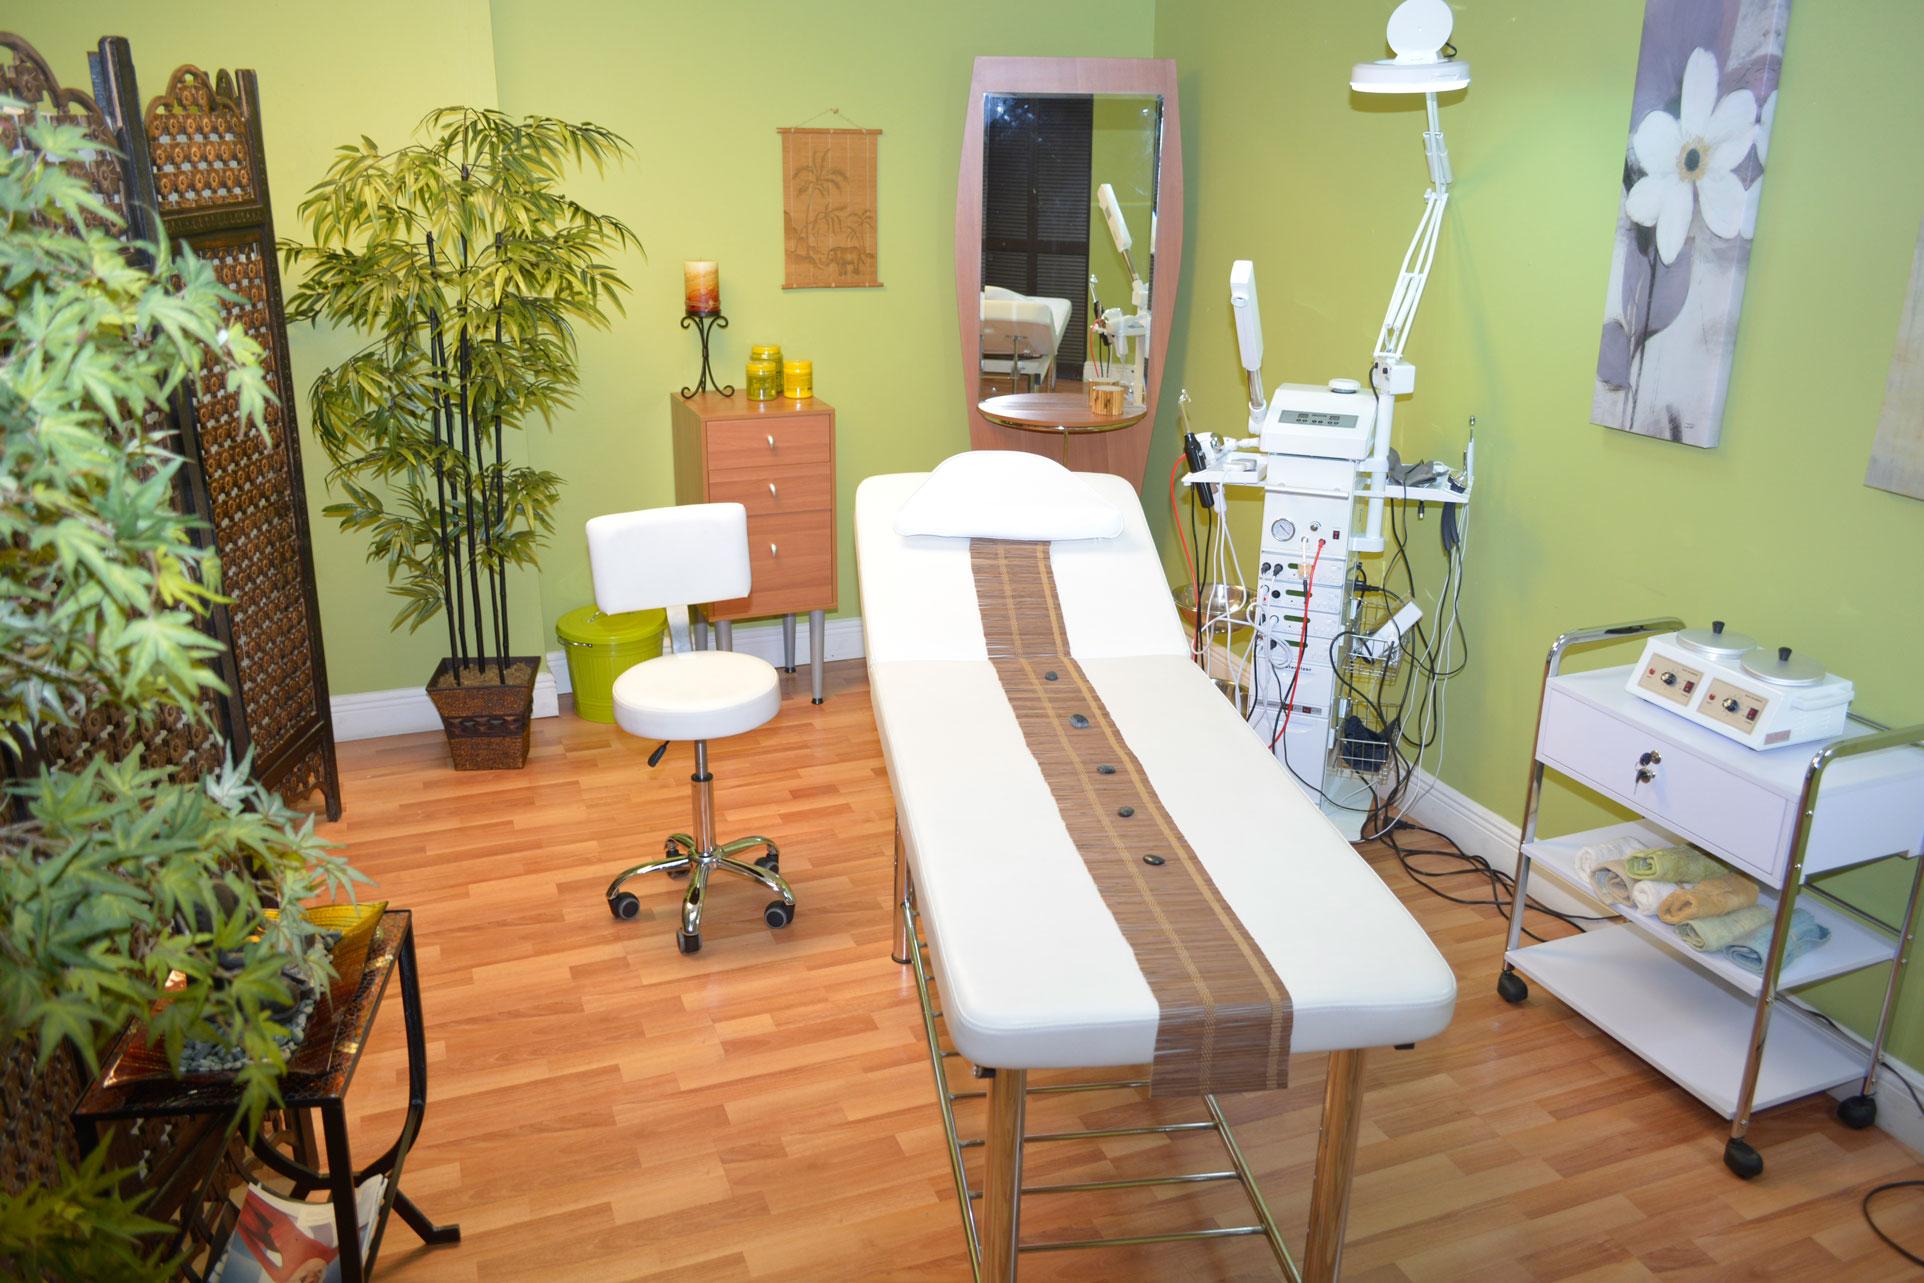 Blason international en doral fl peluquer as y barberos for 7 furniture doral fl